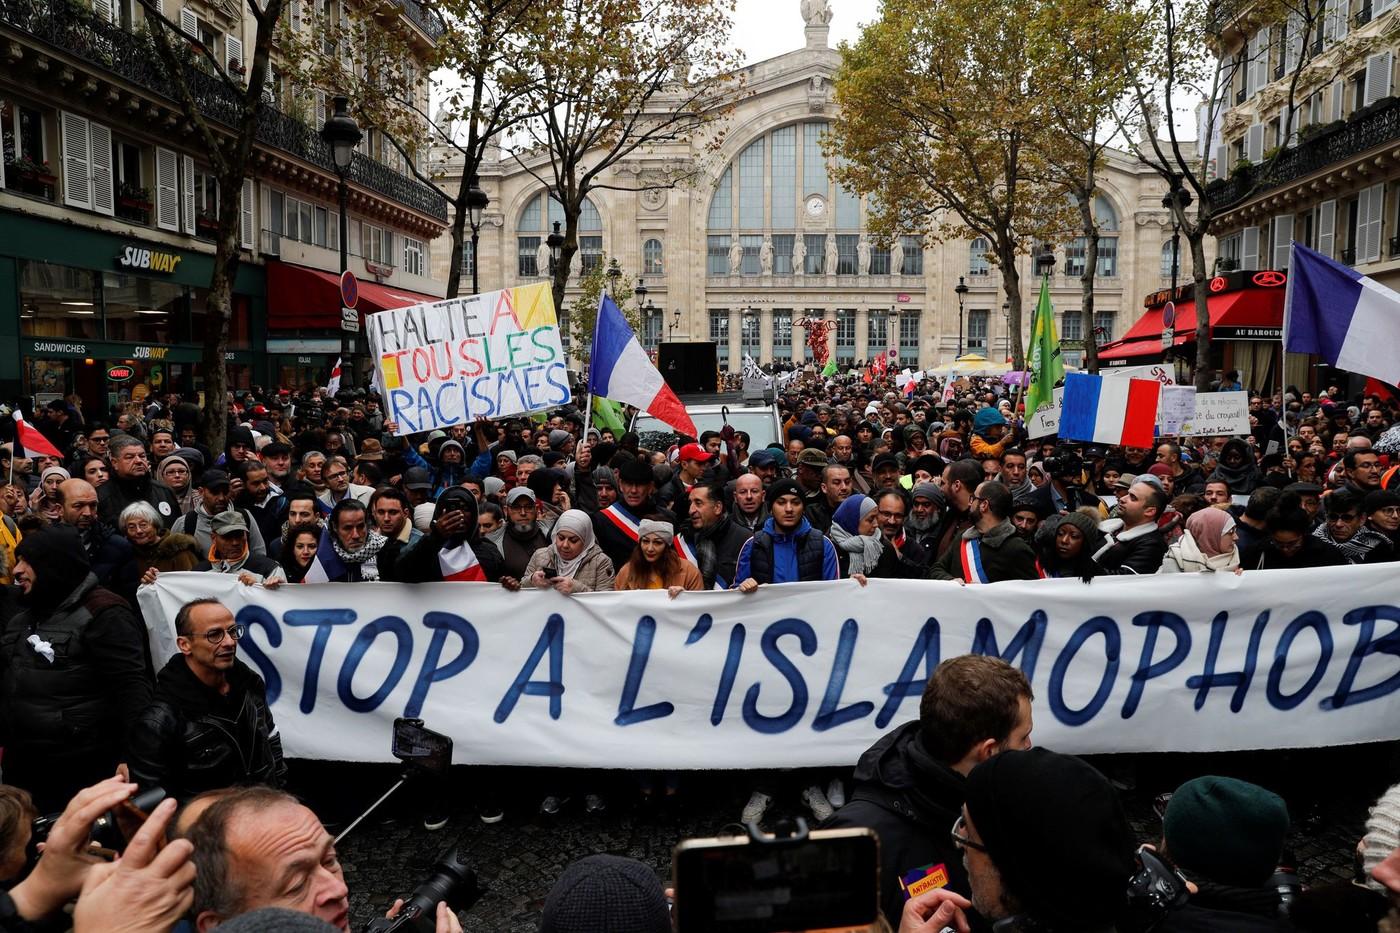 تنامي الهجمات ضدّ المسلمين في الدول الغربية